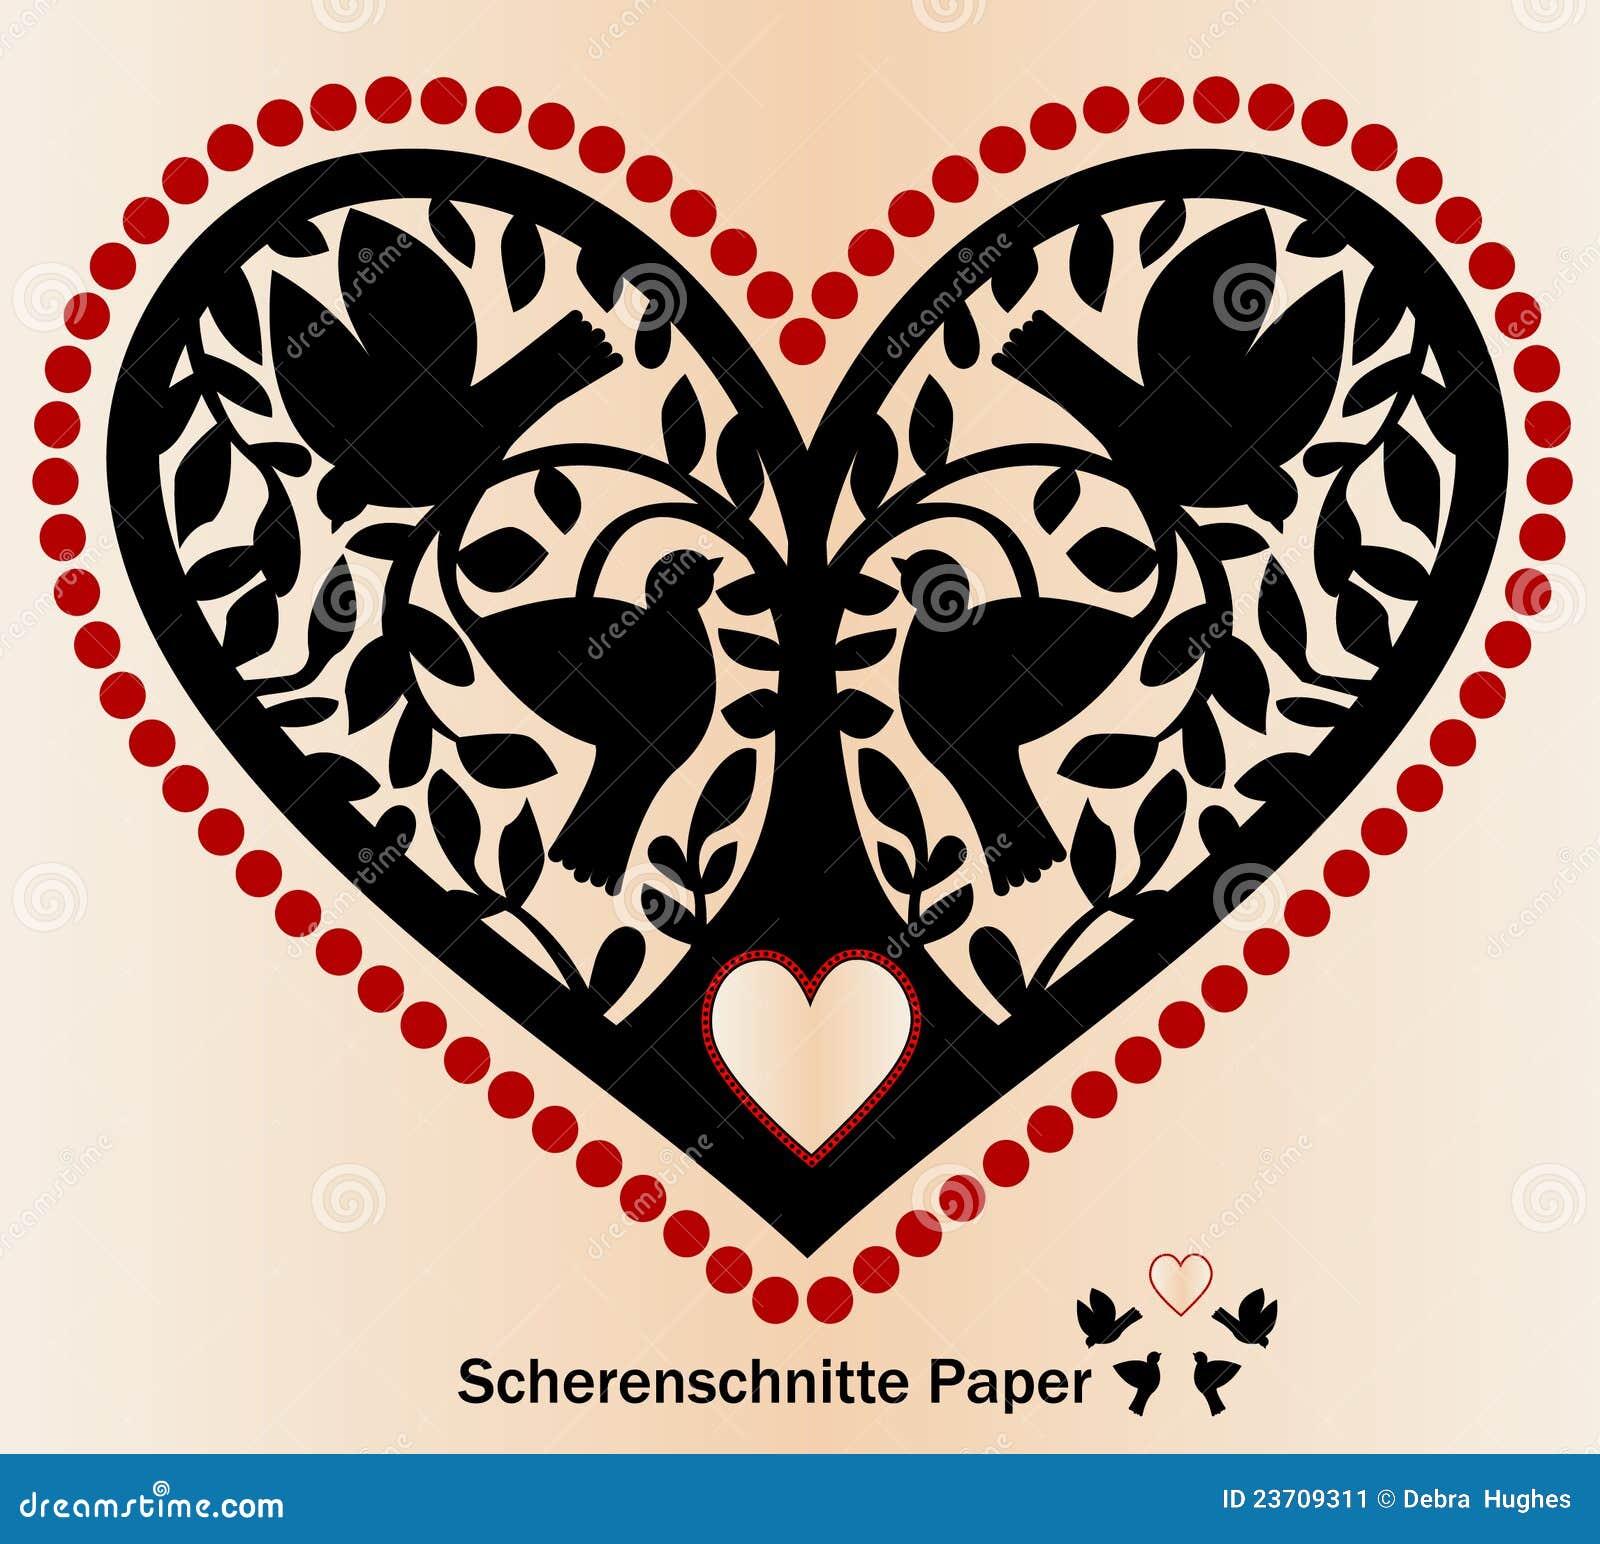 Papercut Tree of Life